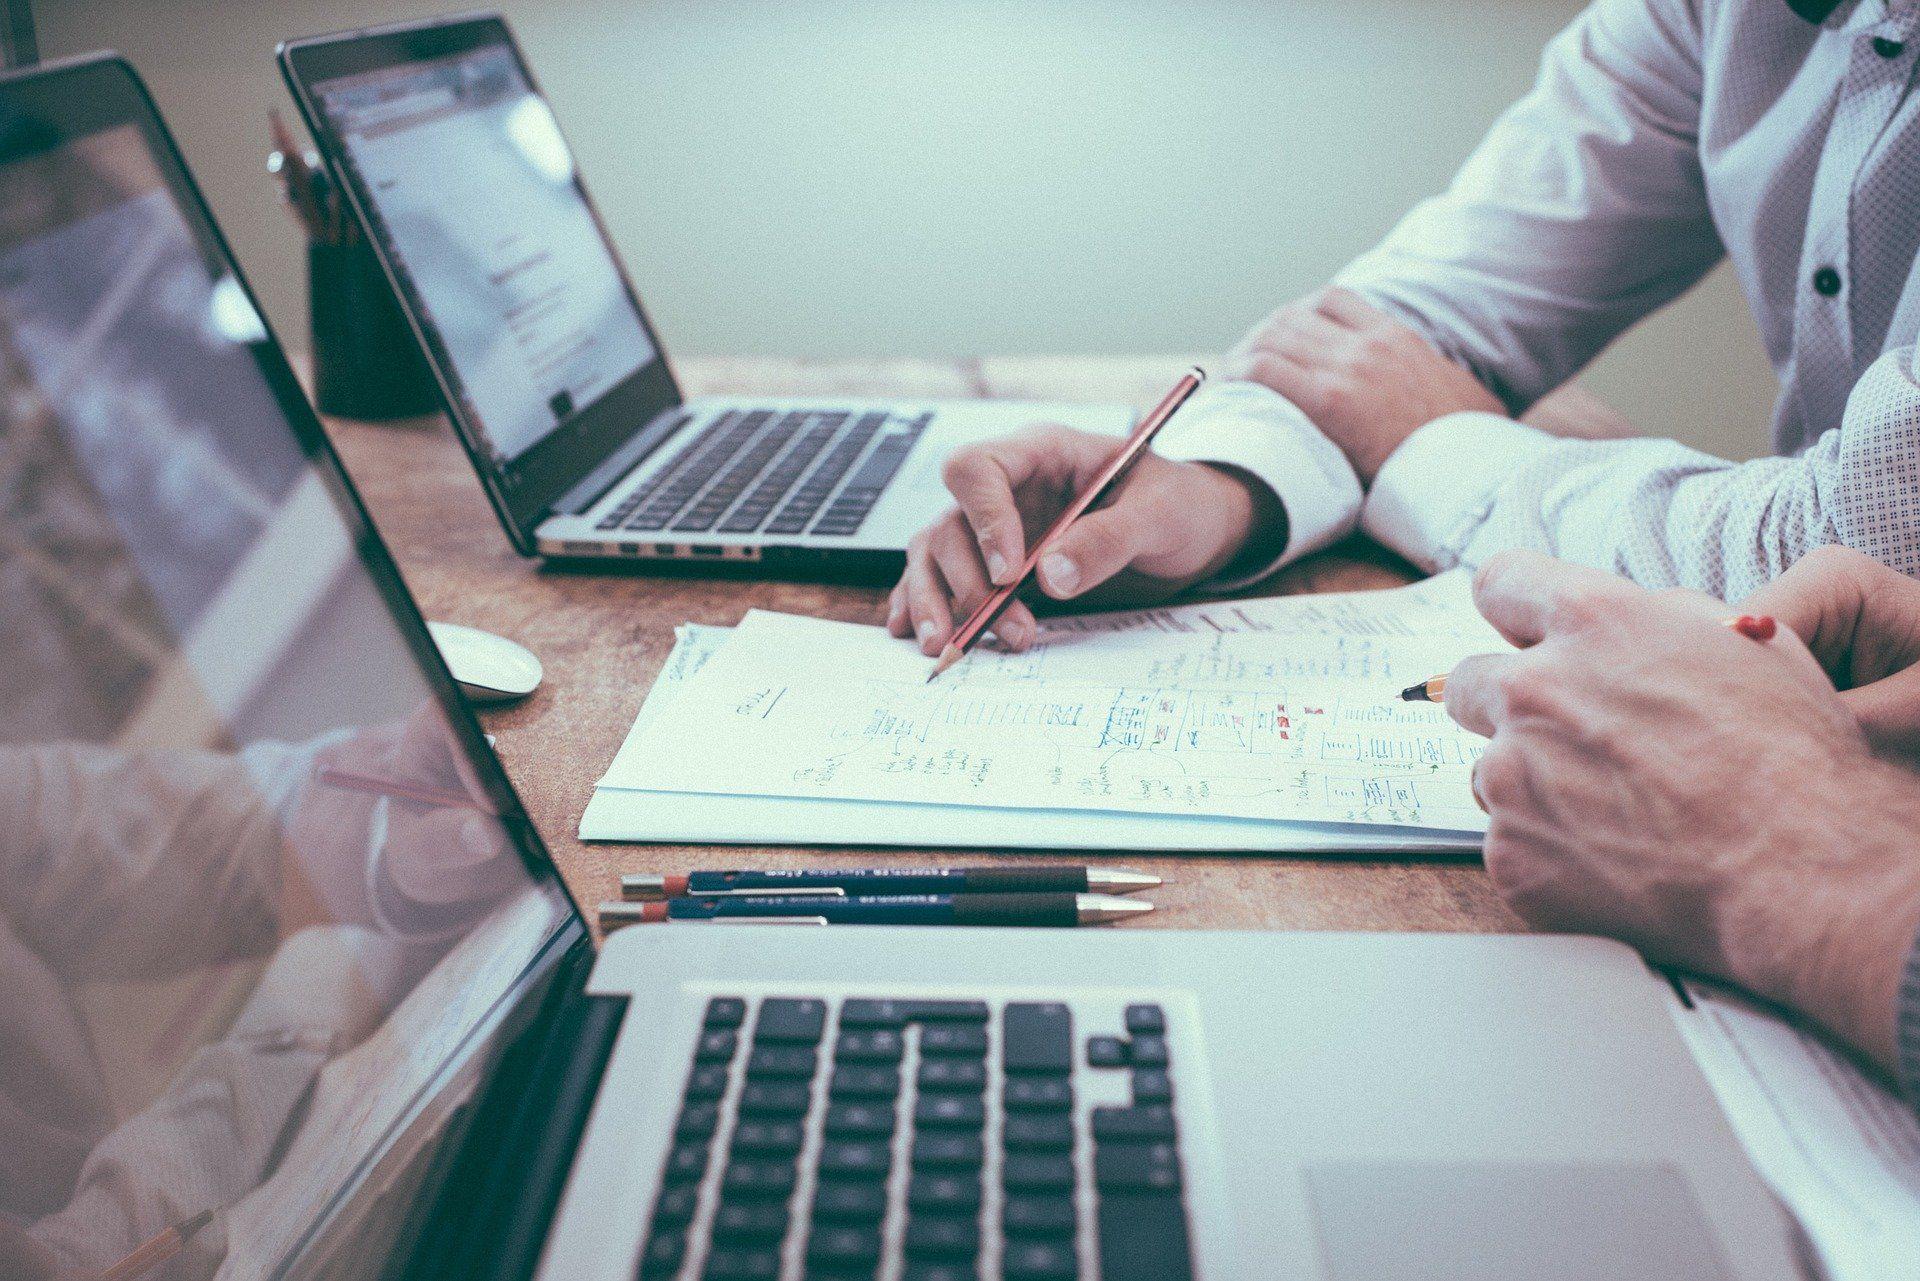 La exención en Renta de la indemnización por despido resulta inaplicable a supuestos de reingreso en la empresa sin ánimo defraudatorio por parte del trabajador